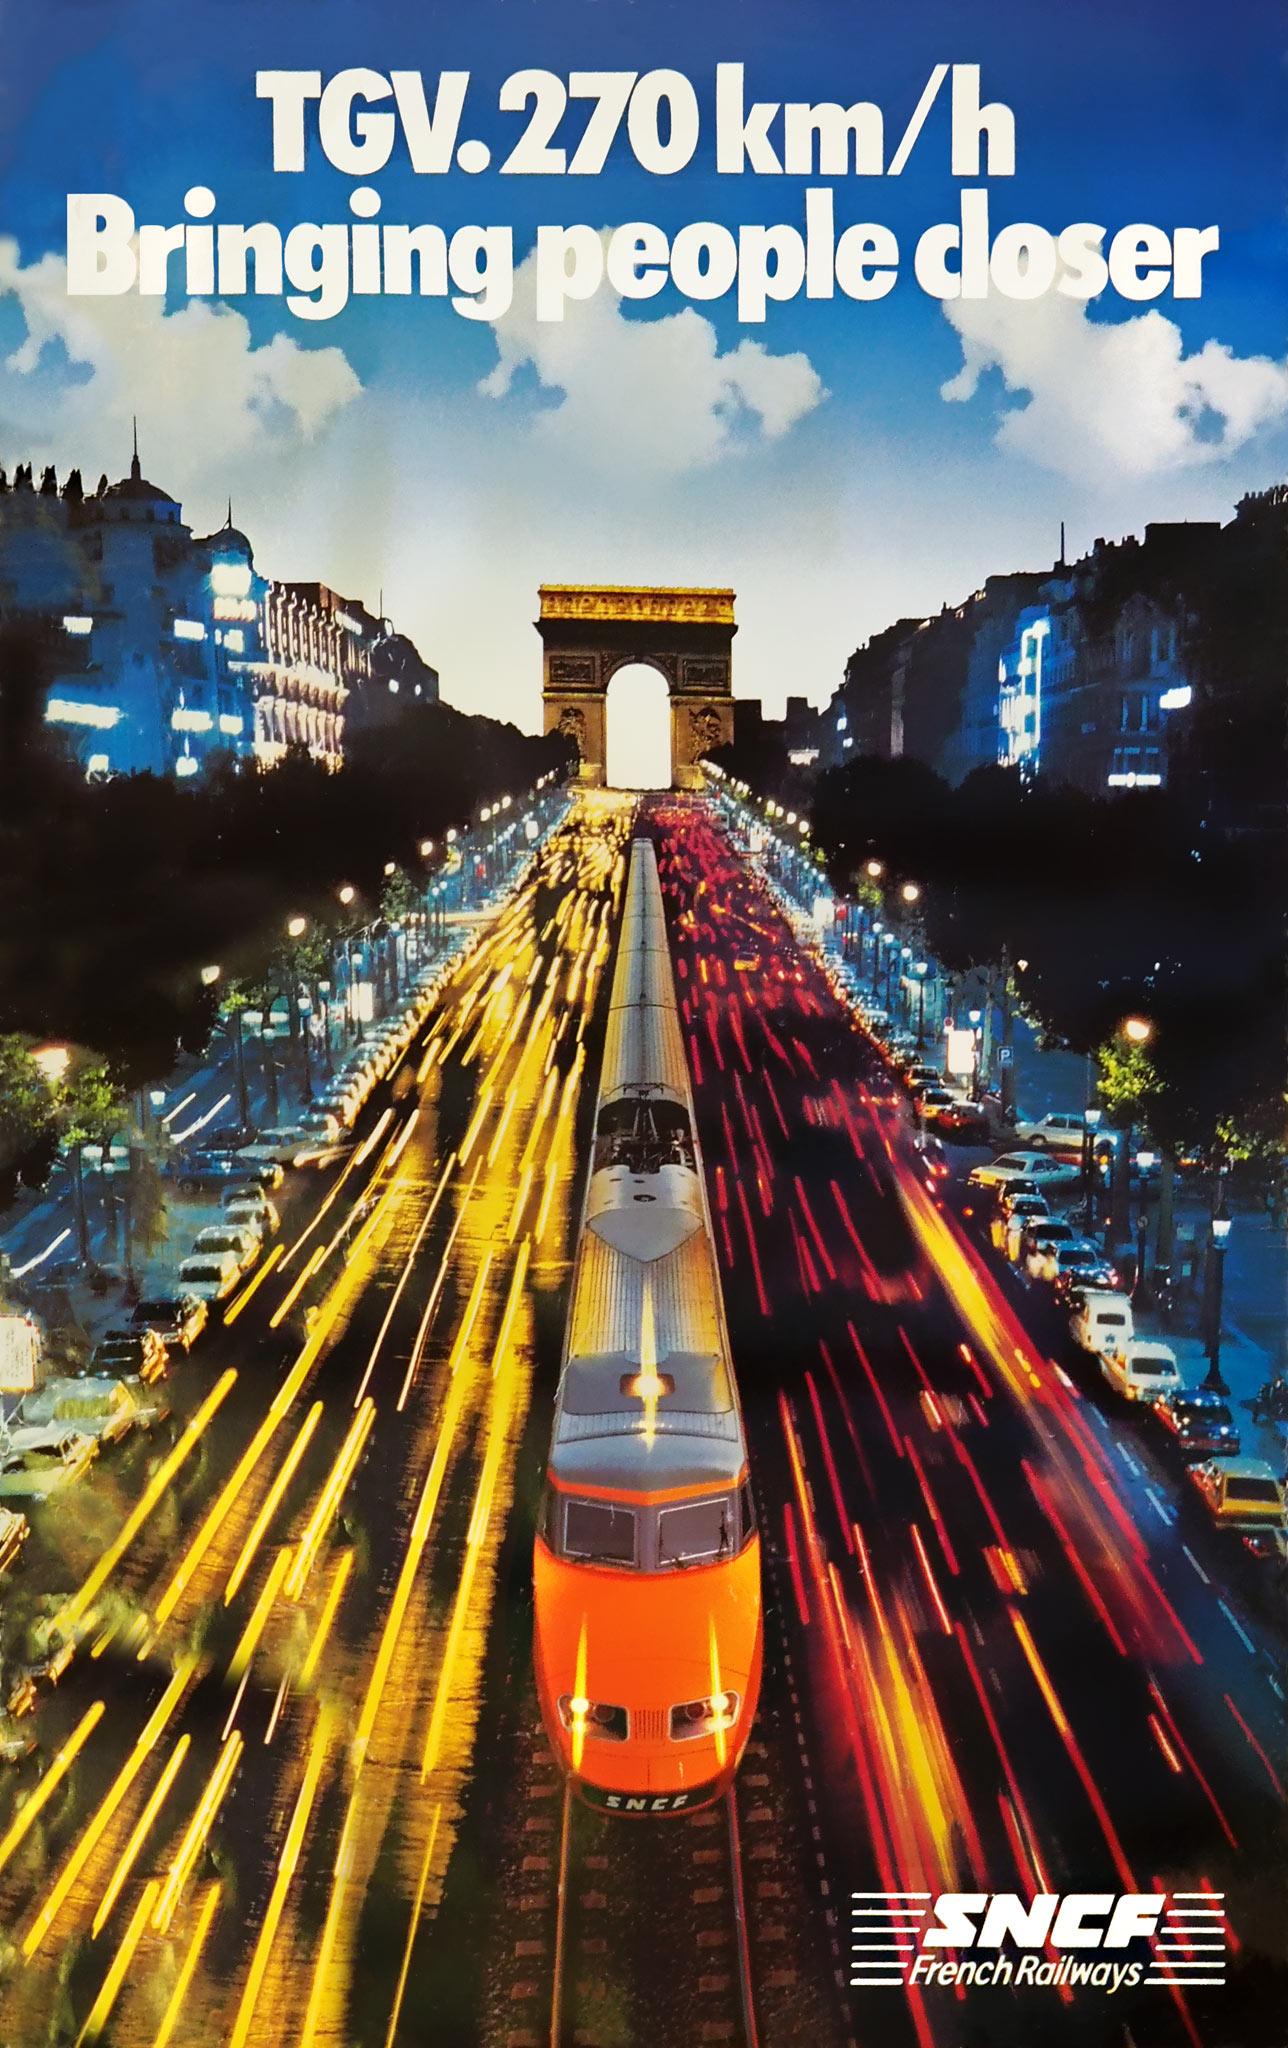 https://i0.wp.com/cdn.retours.eu/nl/36-tres-grande-vitesse-turbotrain-TGV/enlarge/poster-TGV-270km-paris-1984.jpg